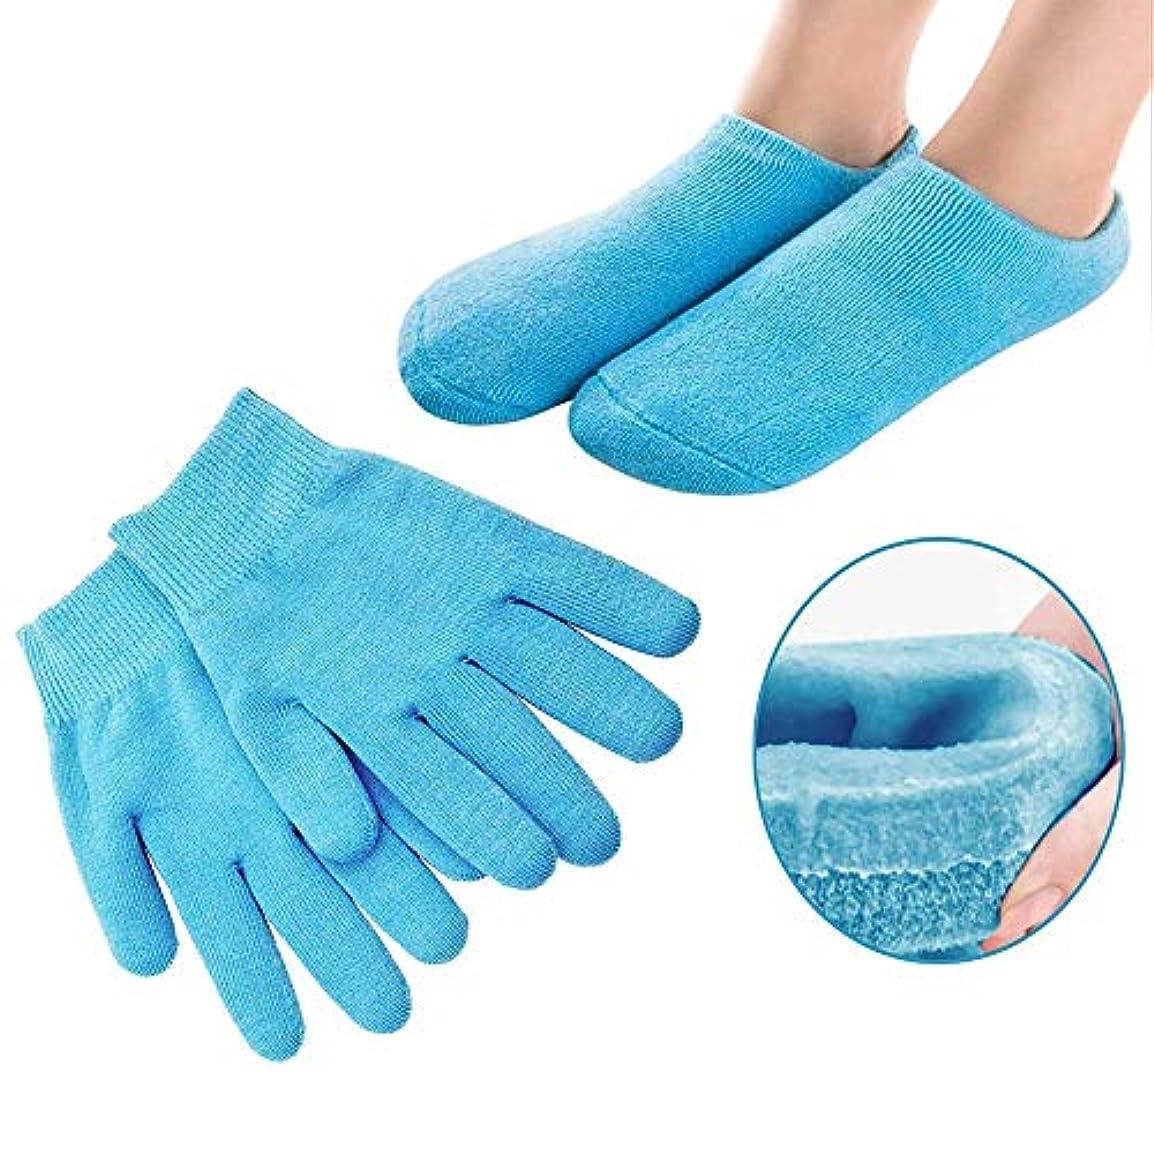 対抗振動する故障Pinkiou 眠る森のSPAジェルグローブ+SPAジェルソックス 手アグローブ フットケアソックス 角質取り 保湿 かかとケア オープントゥ 素肌美人 靴下と手袋セット いいお肌になりましょう(ブルー)